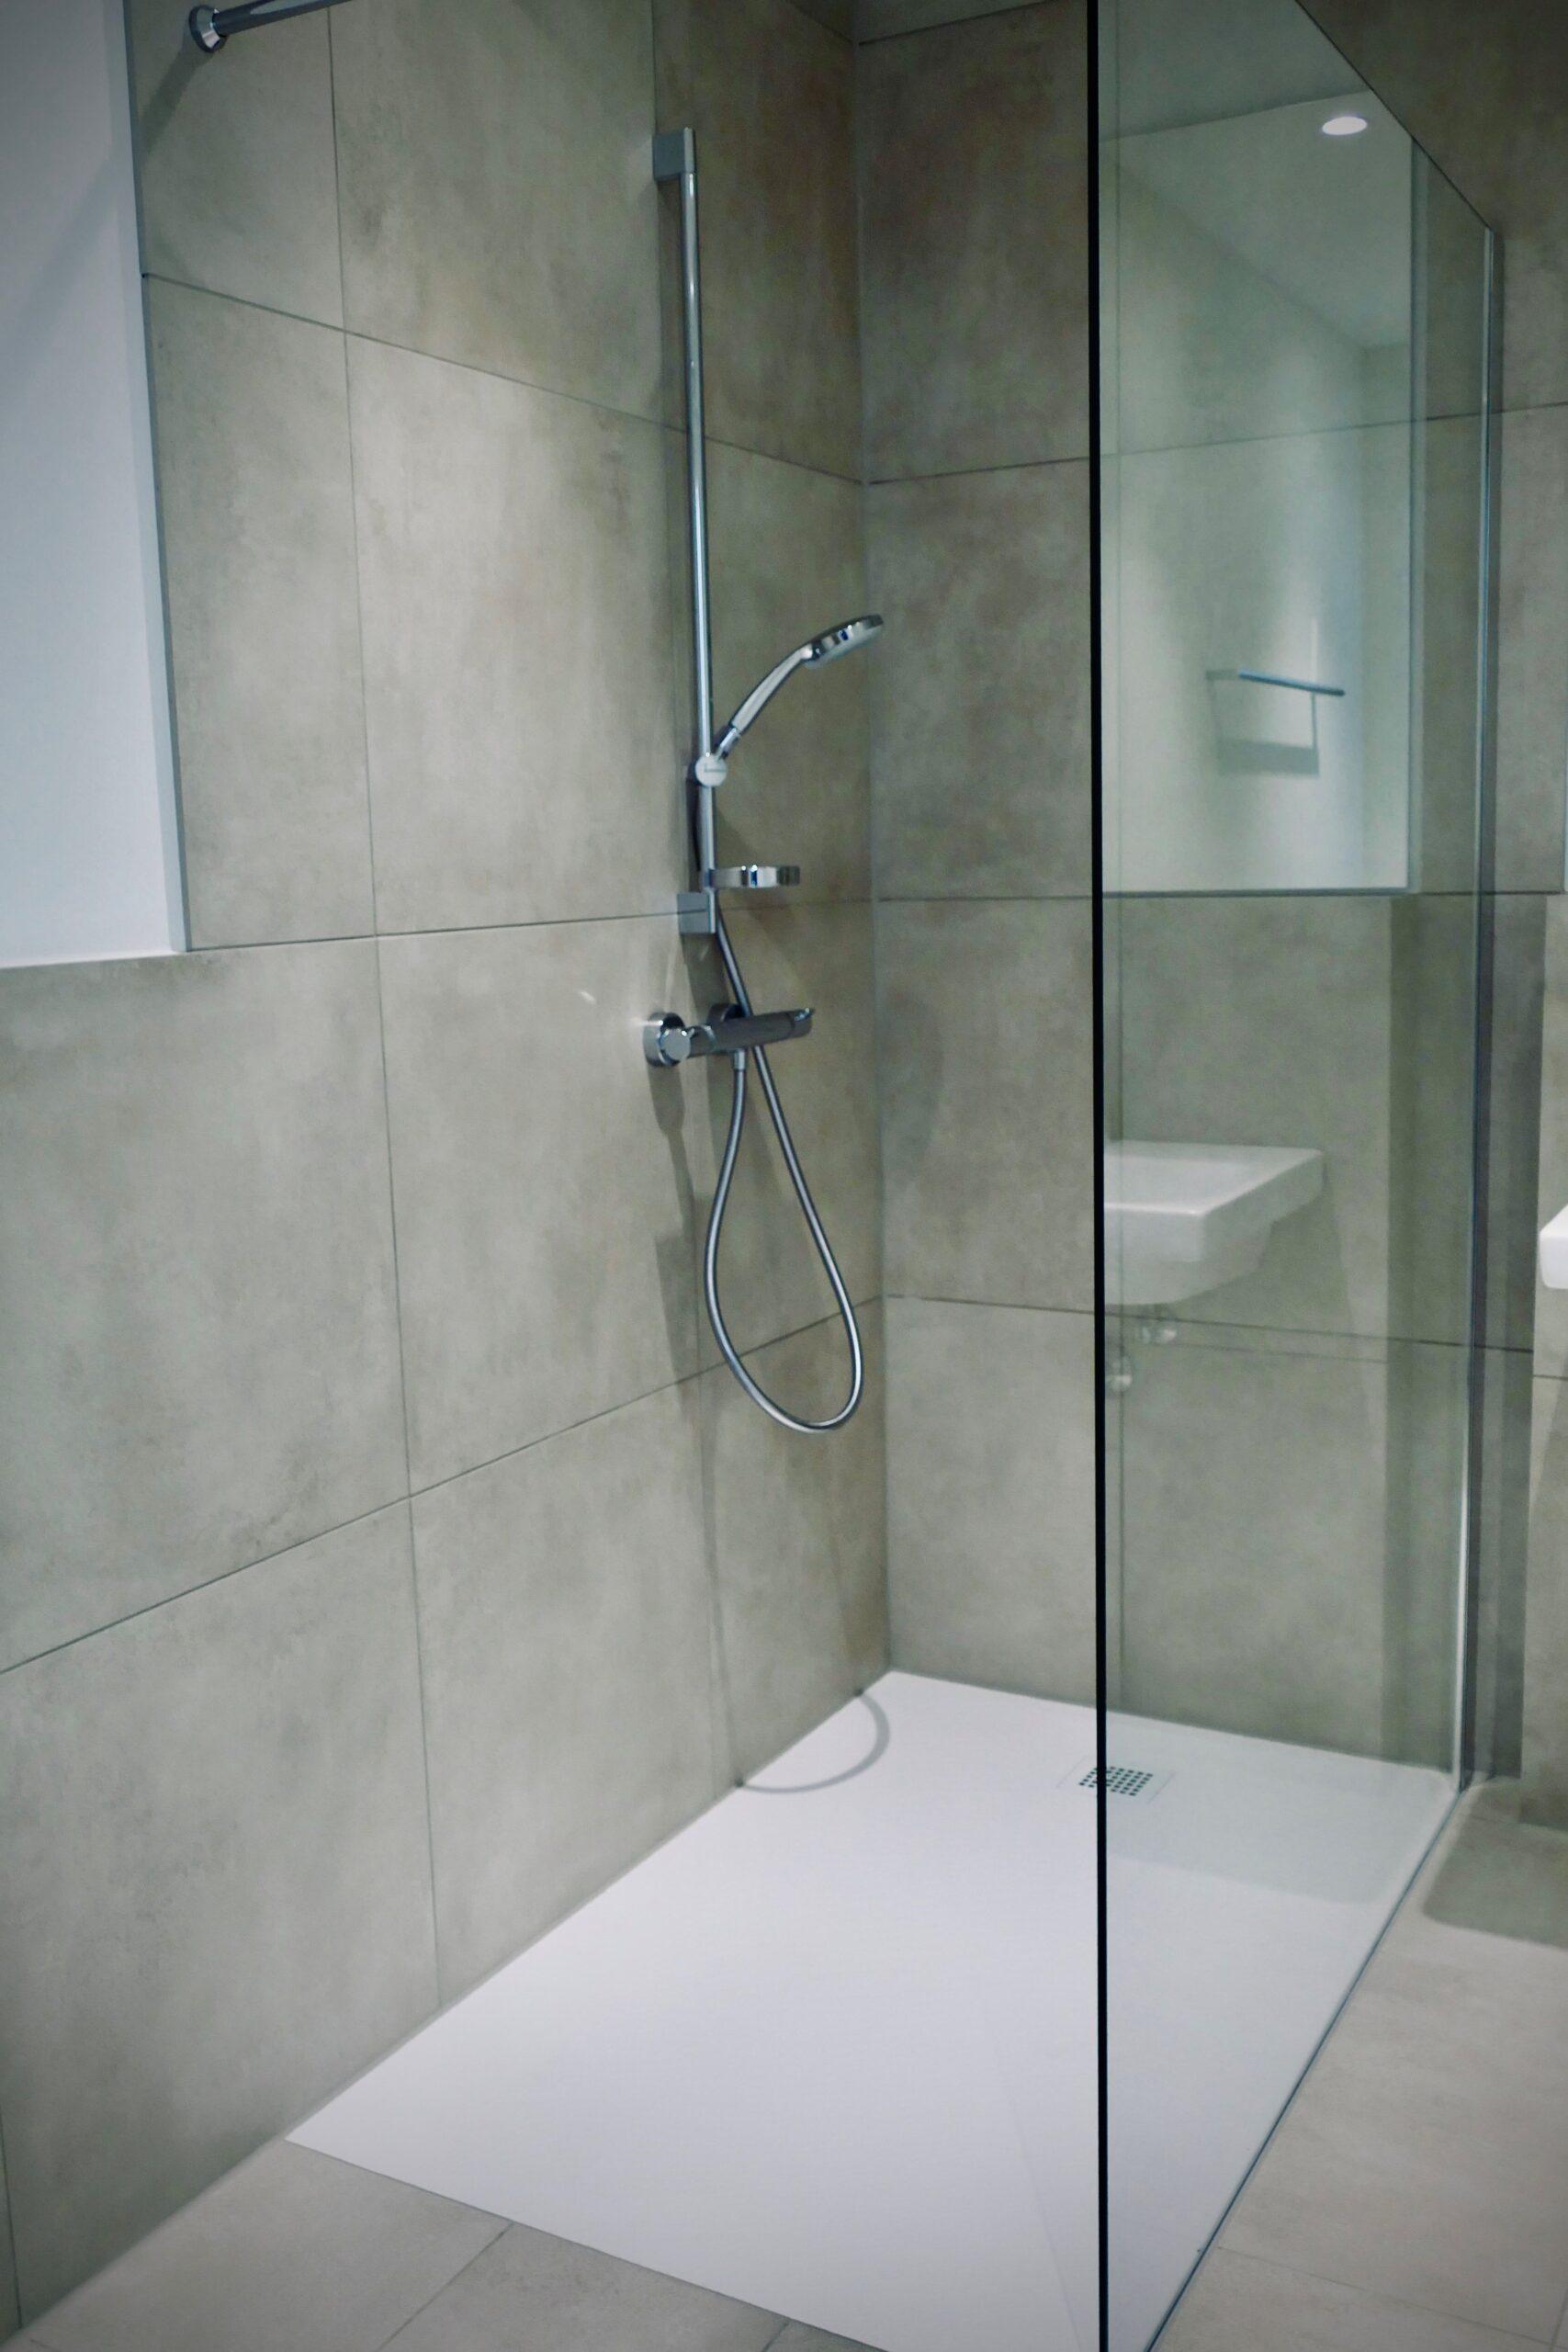 Full Size of Bluetooth Lautsprecher Dusche Bodengleiche Einbauen Ebenerdige Kosten Glaswand Bidet Grohe Thermostat Behindertengerechte Schulte Duschen Badewanne Mit Kaufen Dusche Glastrennwand Dusche